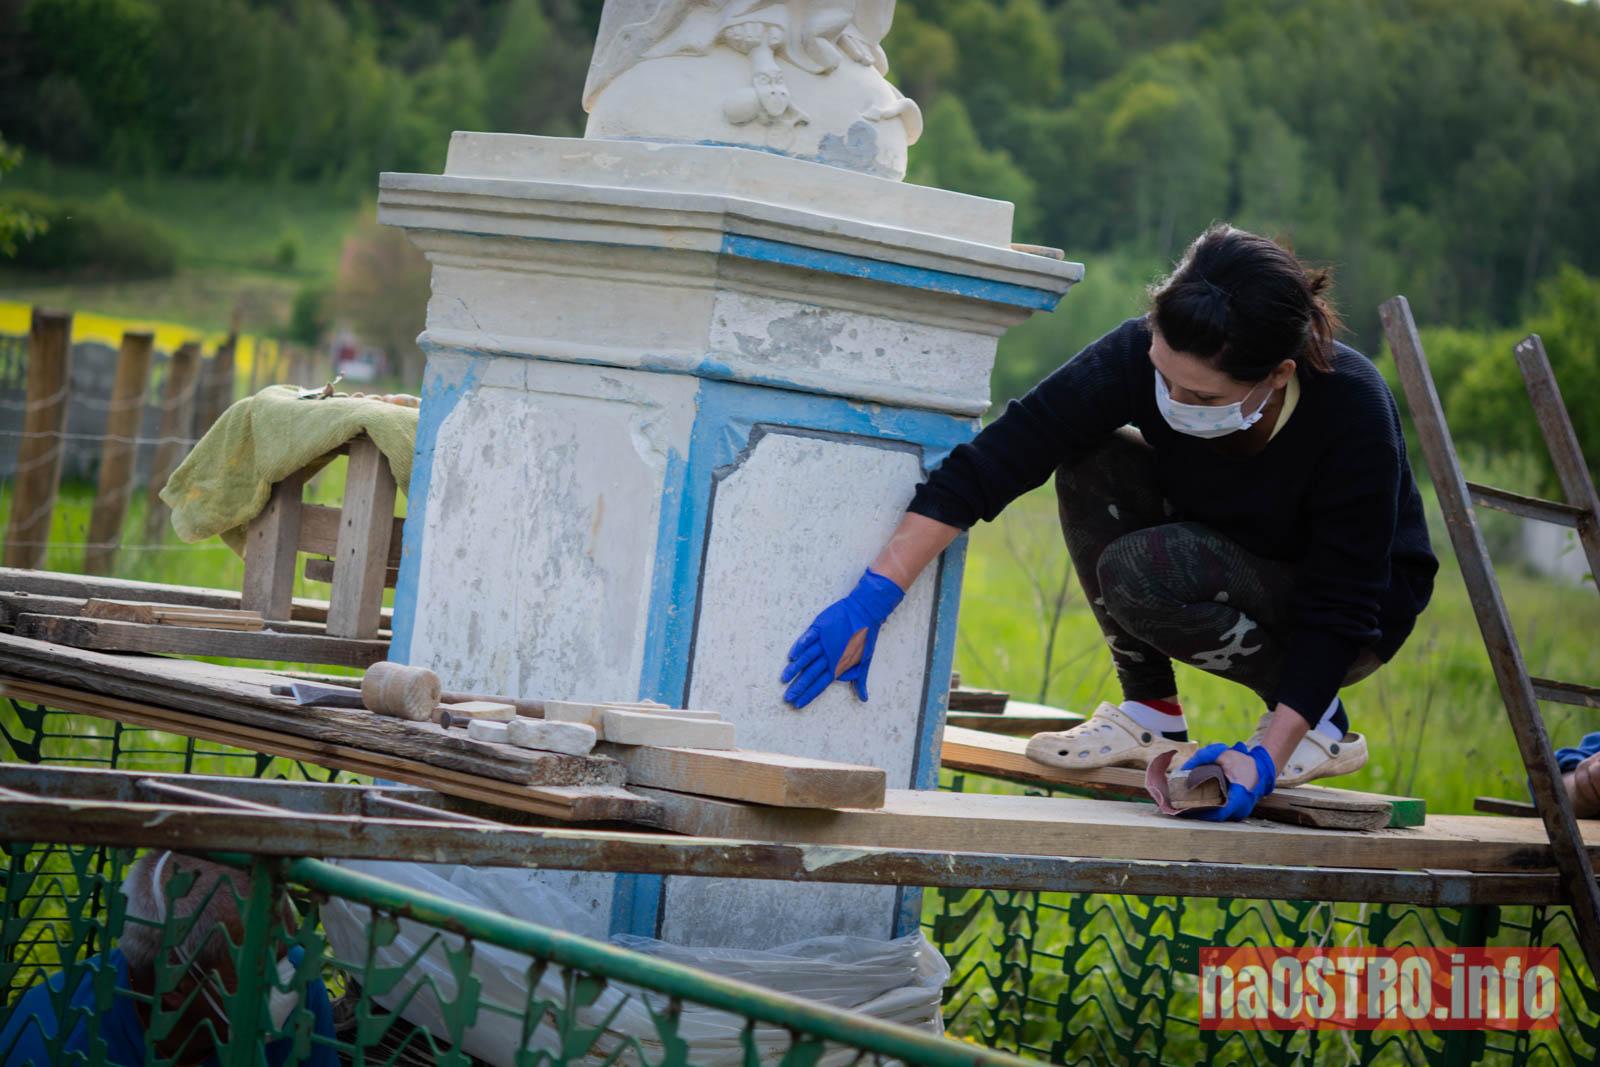 NaOSTRO Renowacja Matki Bożej Nietulisko Małe-3